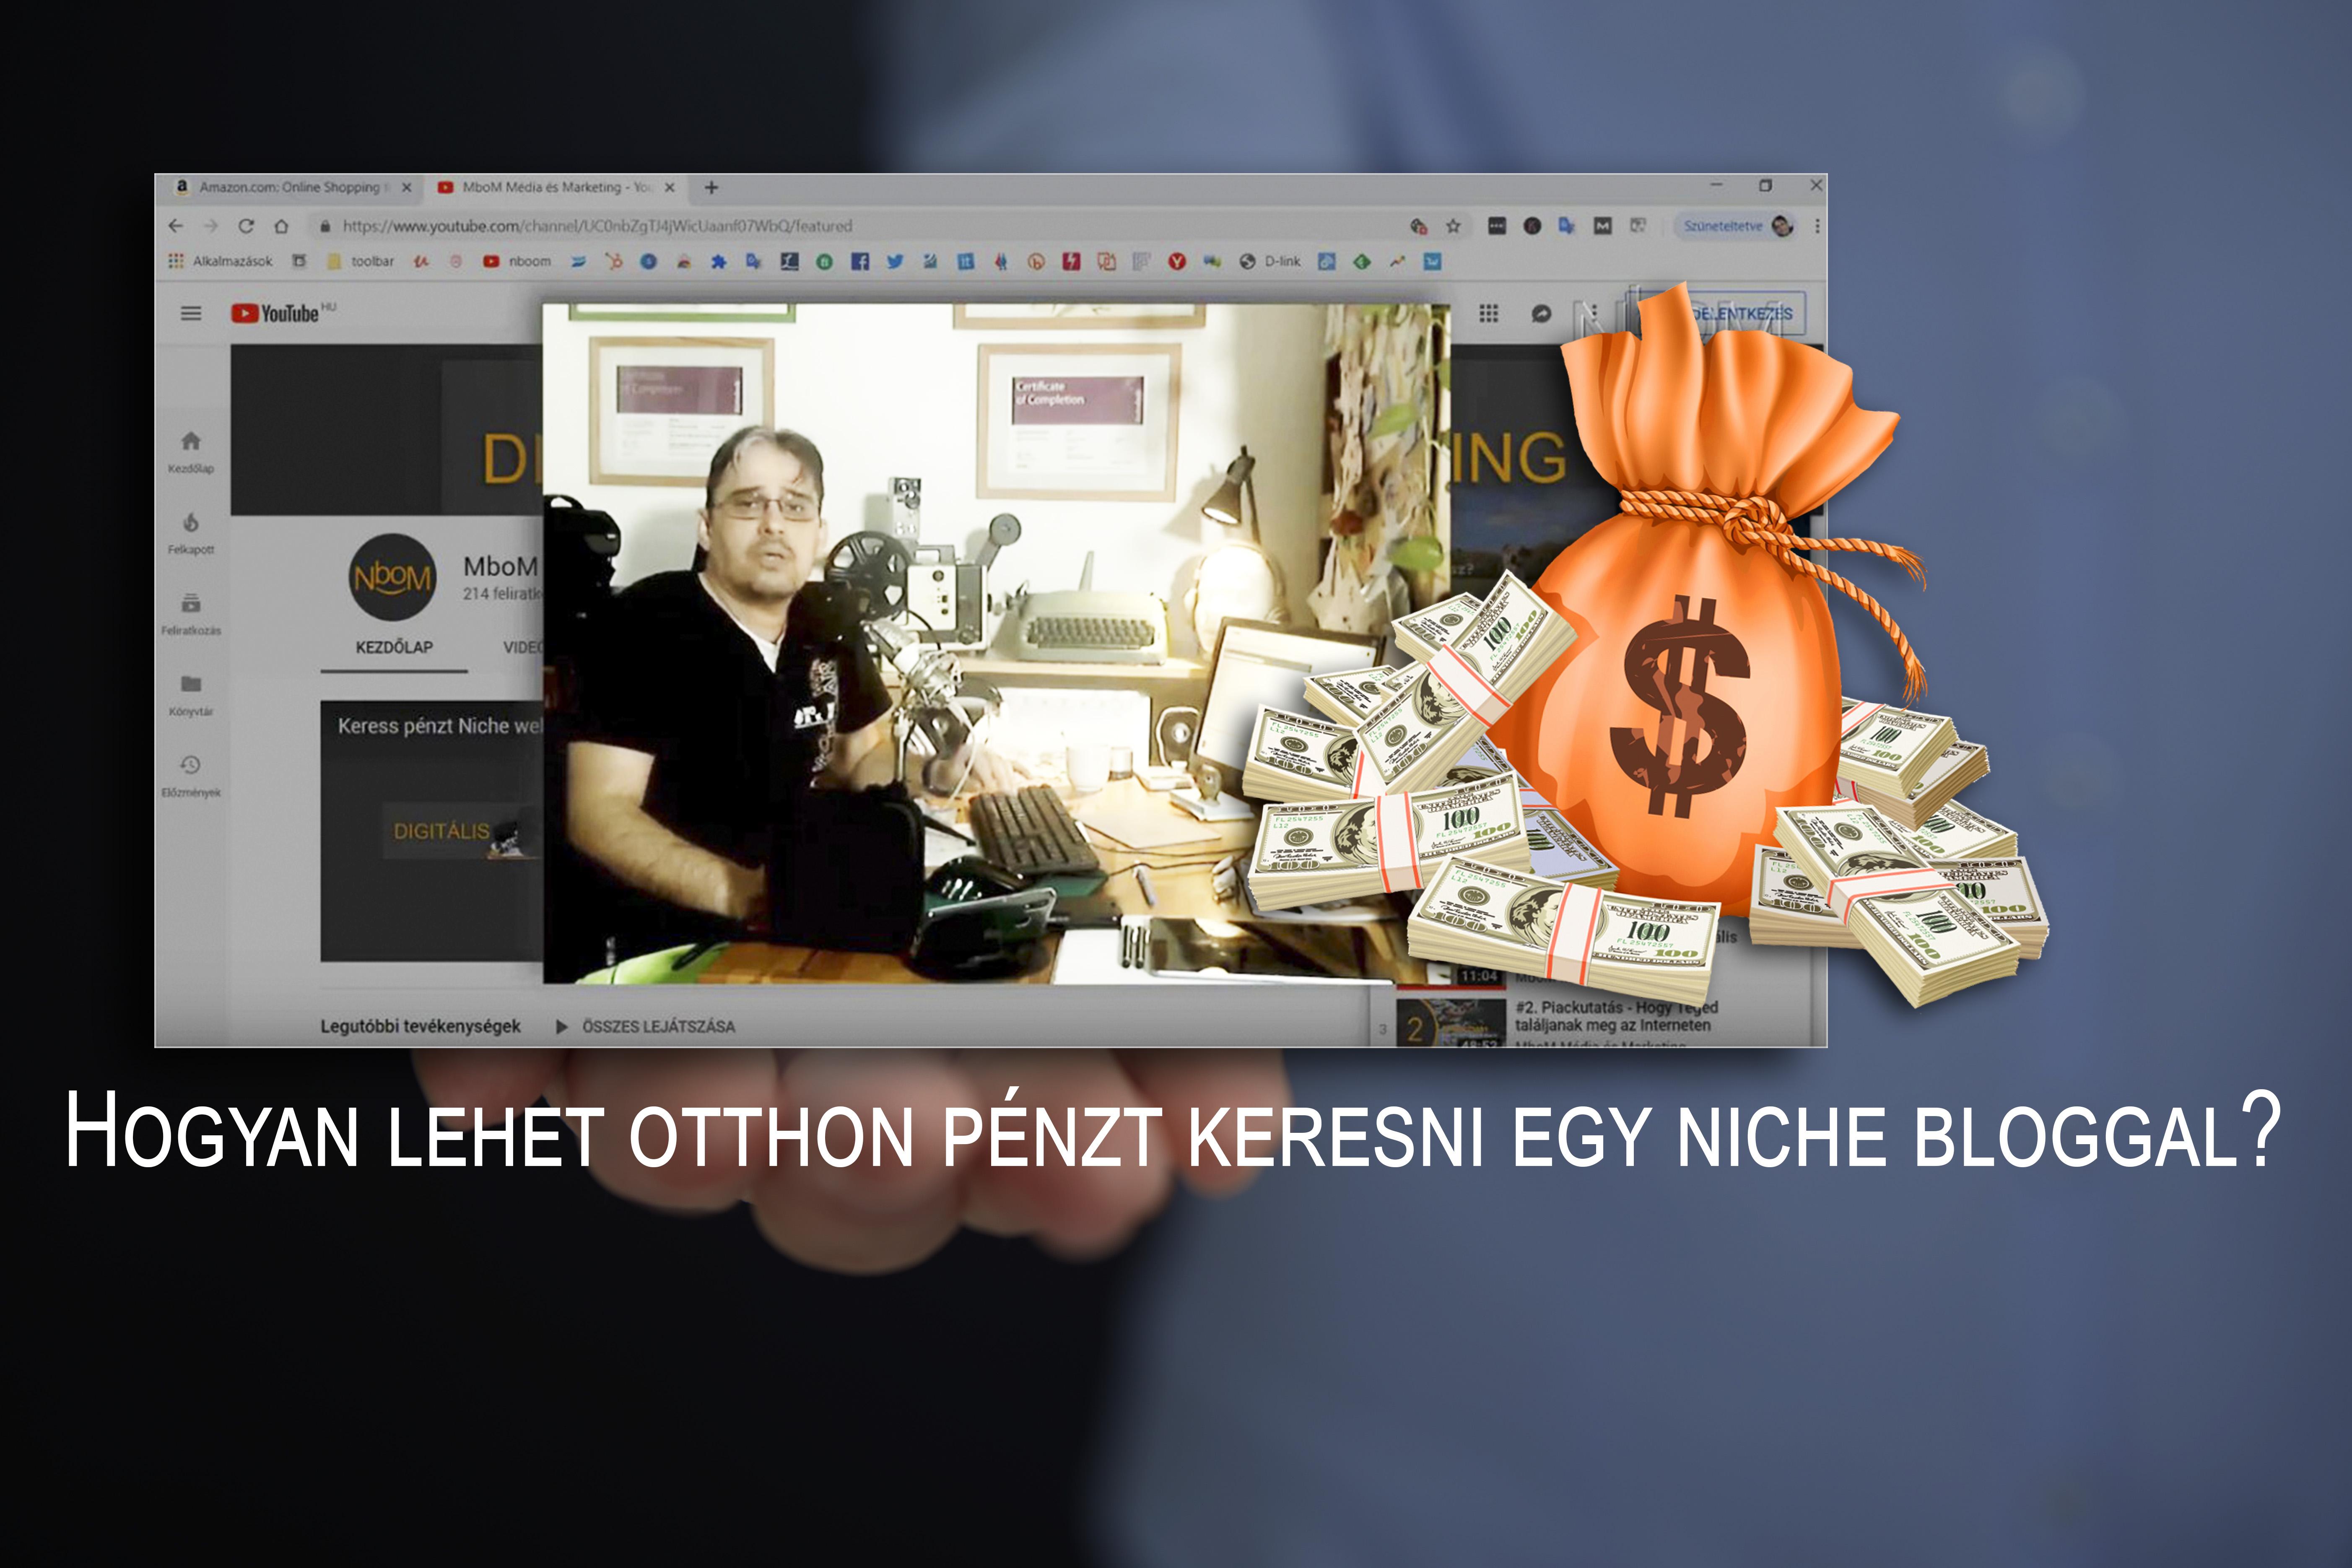 video leckék, hogyan lehet pénzt keresni az interneten